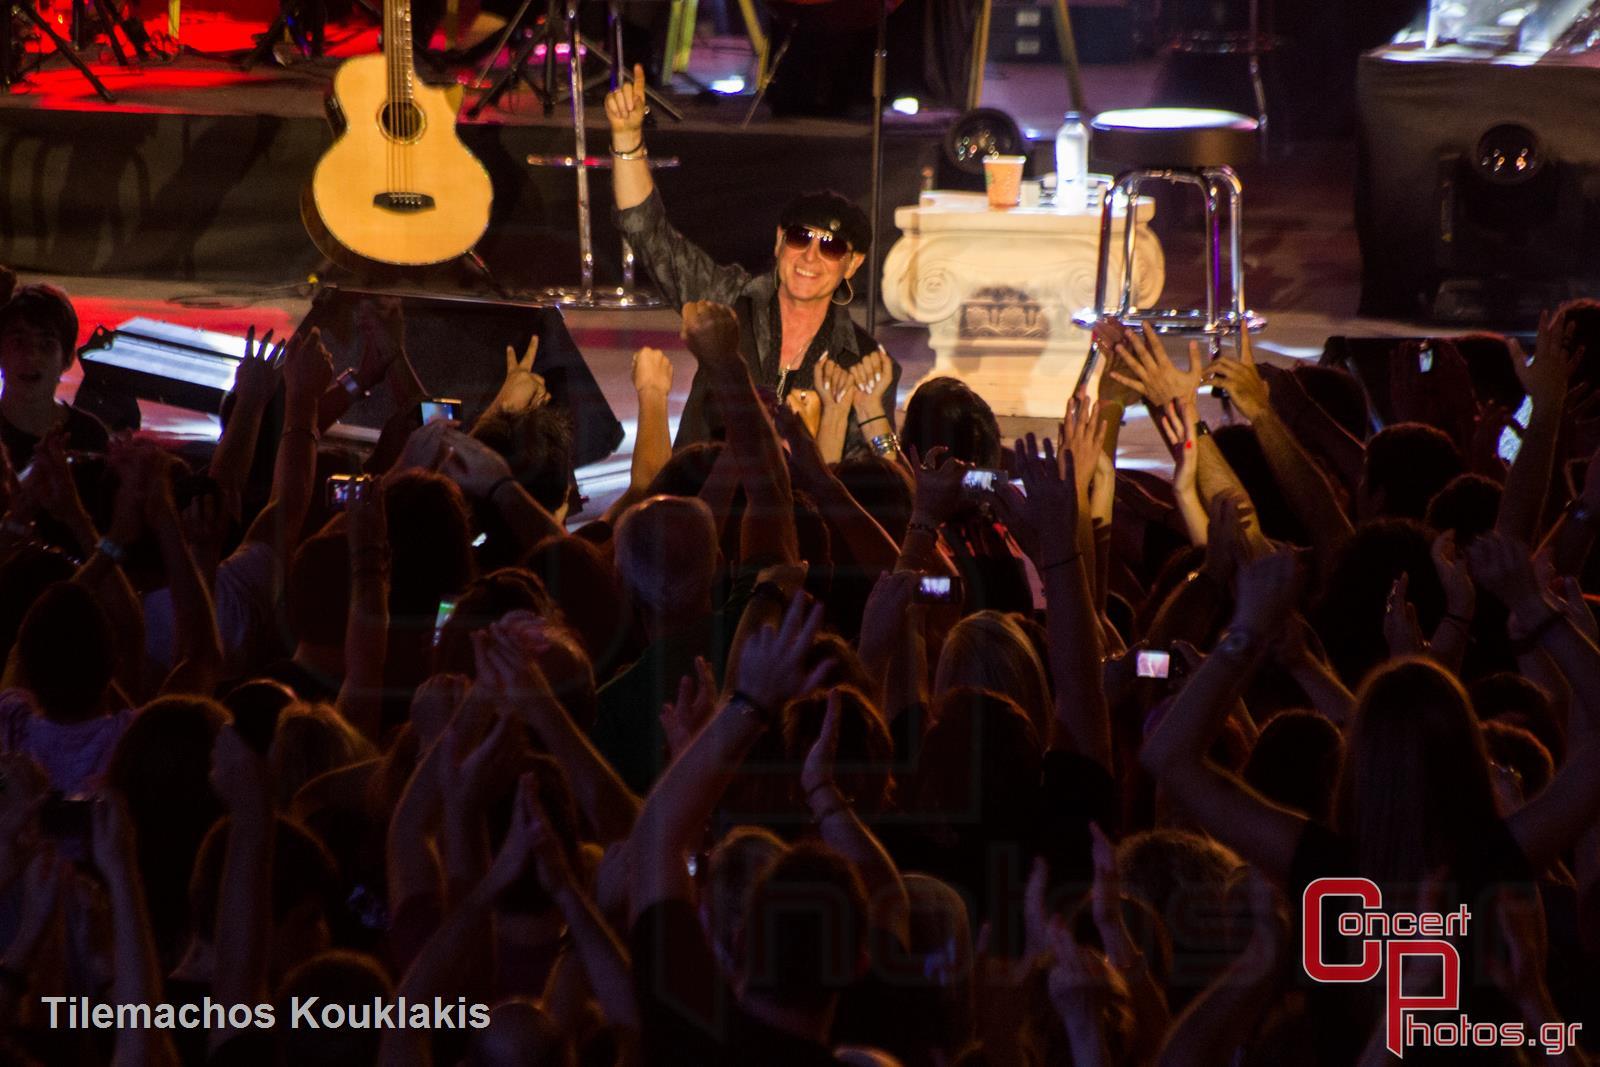 Scorpions-Scorpions photographer: Tilemachos Kouklakis - concertphotos_-6926